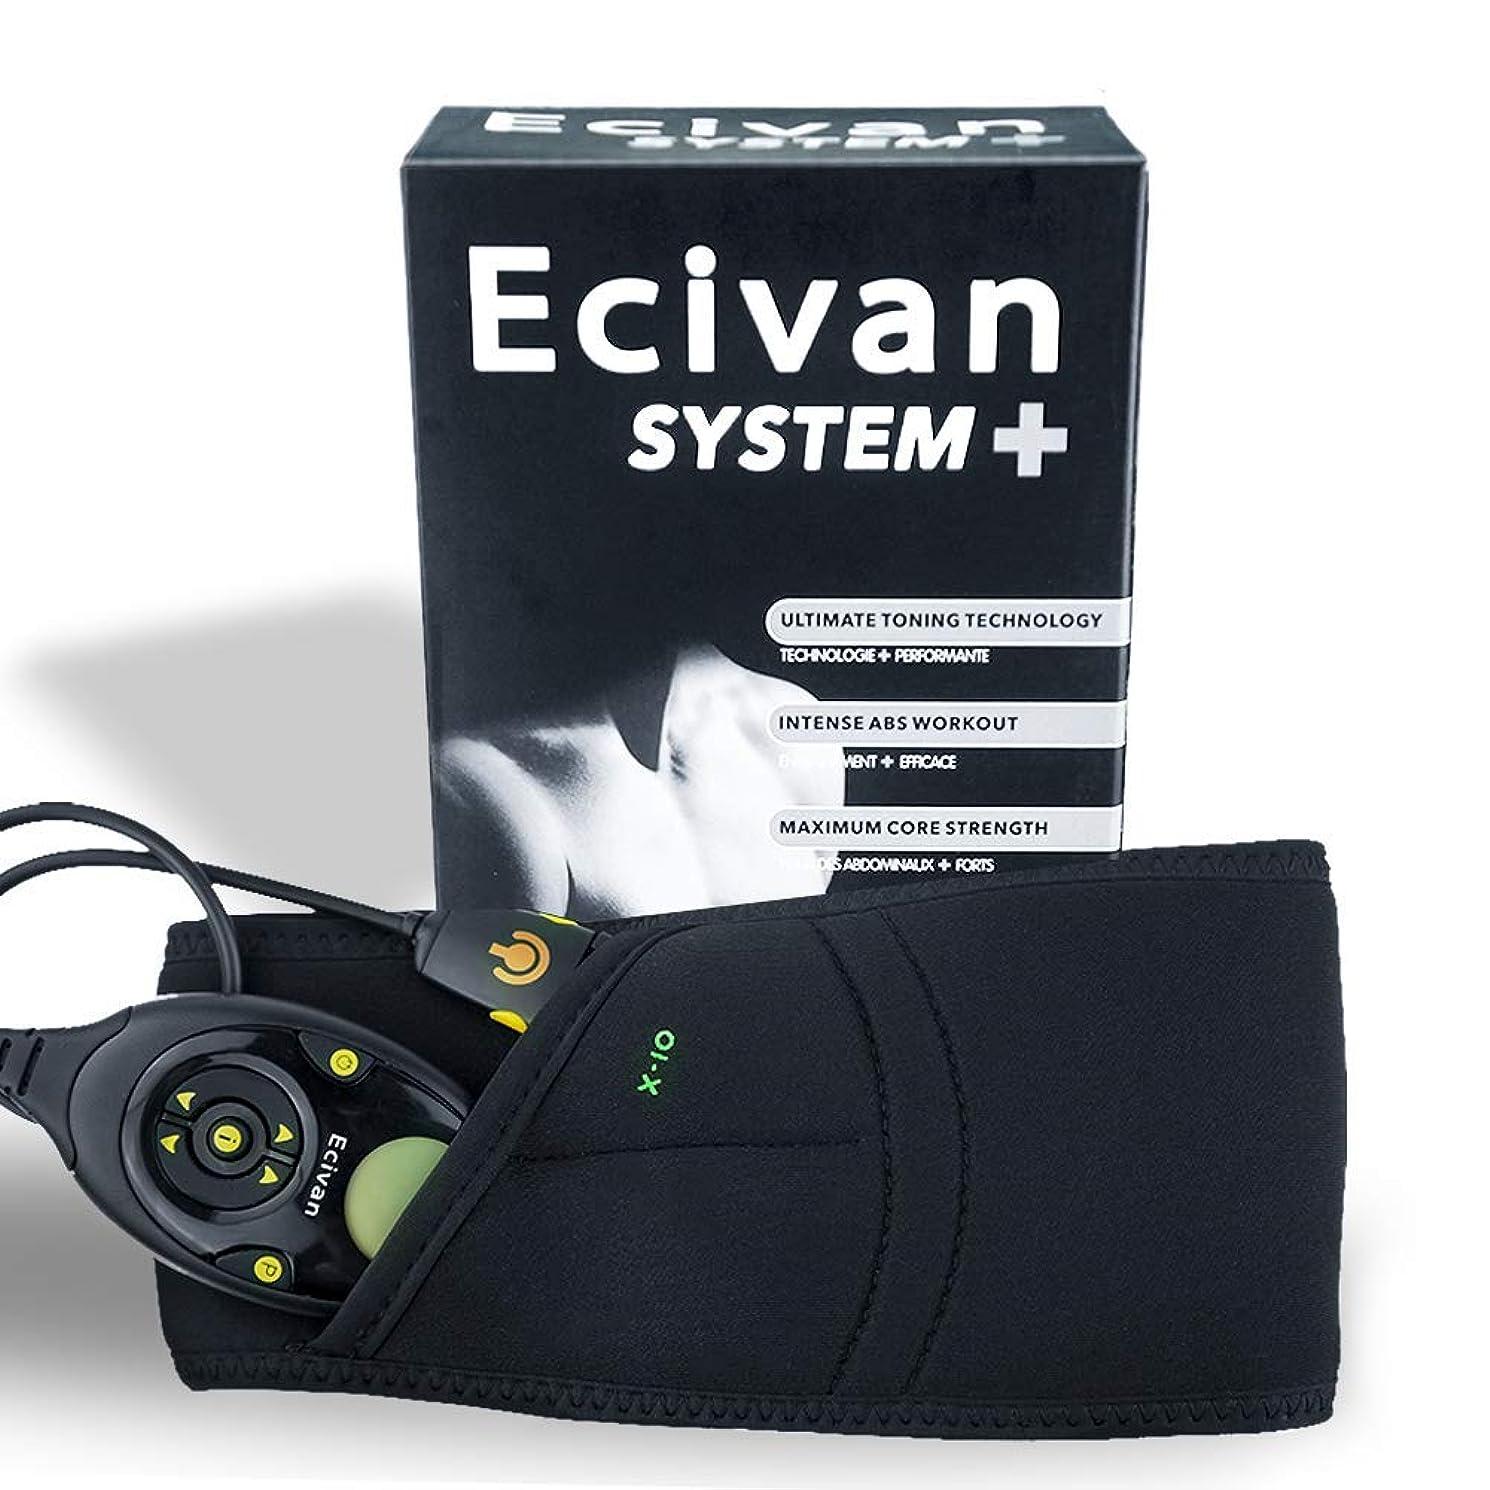 配当力以下Ecivan EMS 腹筋ベルトボディフィットスリム トレーニング 電気振動マッサージ 痩身マシン 電動器具腹巻き USB充電 150階段